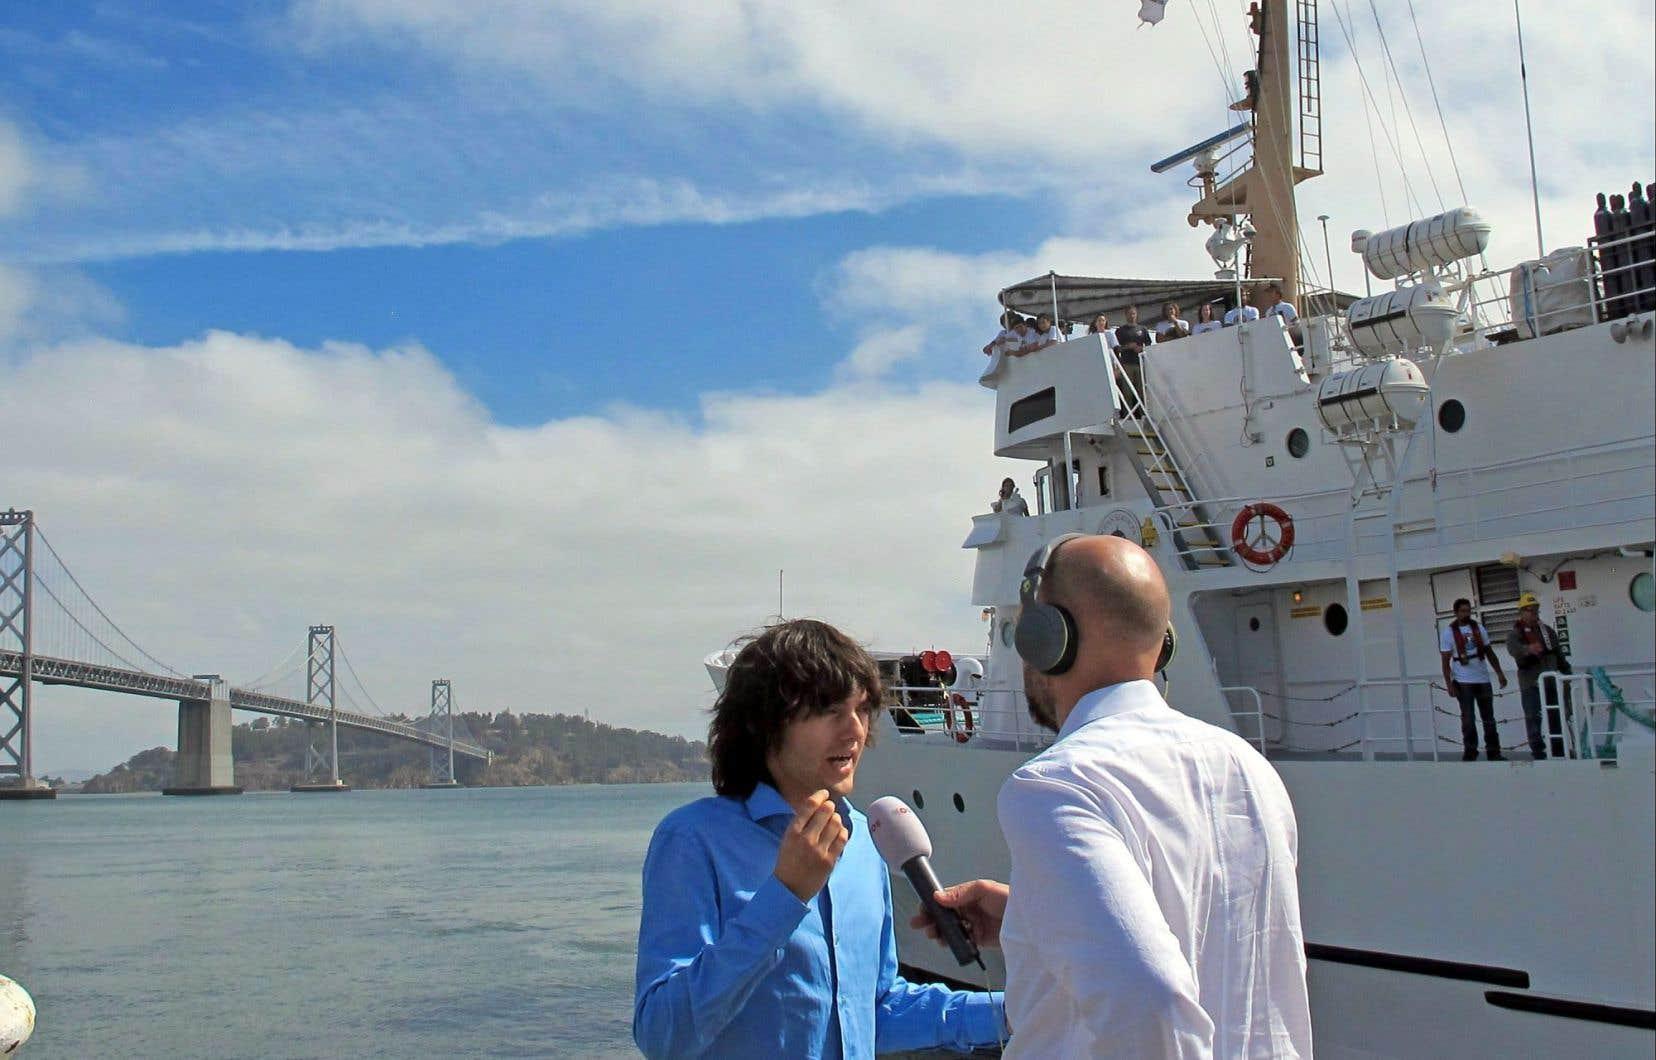 Boyan Slat, interrogé ici par un journaliste à San Francisco, a créé une entreprise qu'il dirige, The Ocean Cleanup, pour réaliser l'idée qu'il a développée: installer une immense barrière pour capturer les déchets de plastique dans la mer.